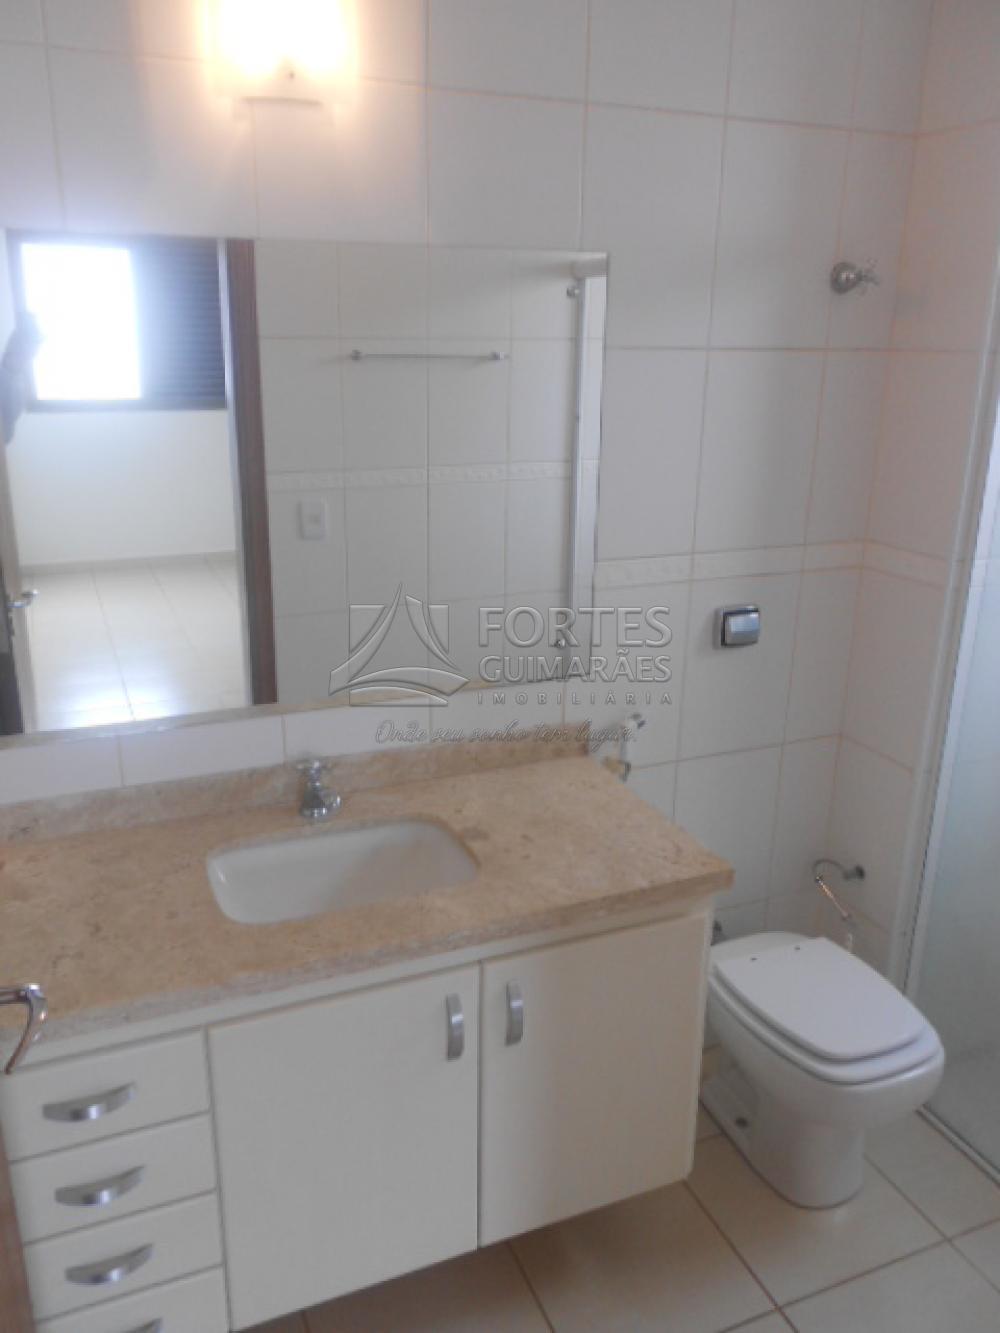 Alugar Apartamentos / Padrão em Ribeirão Preto apenas R$ 1.300,00 - Foto 32